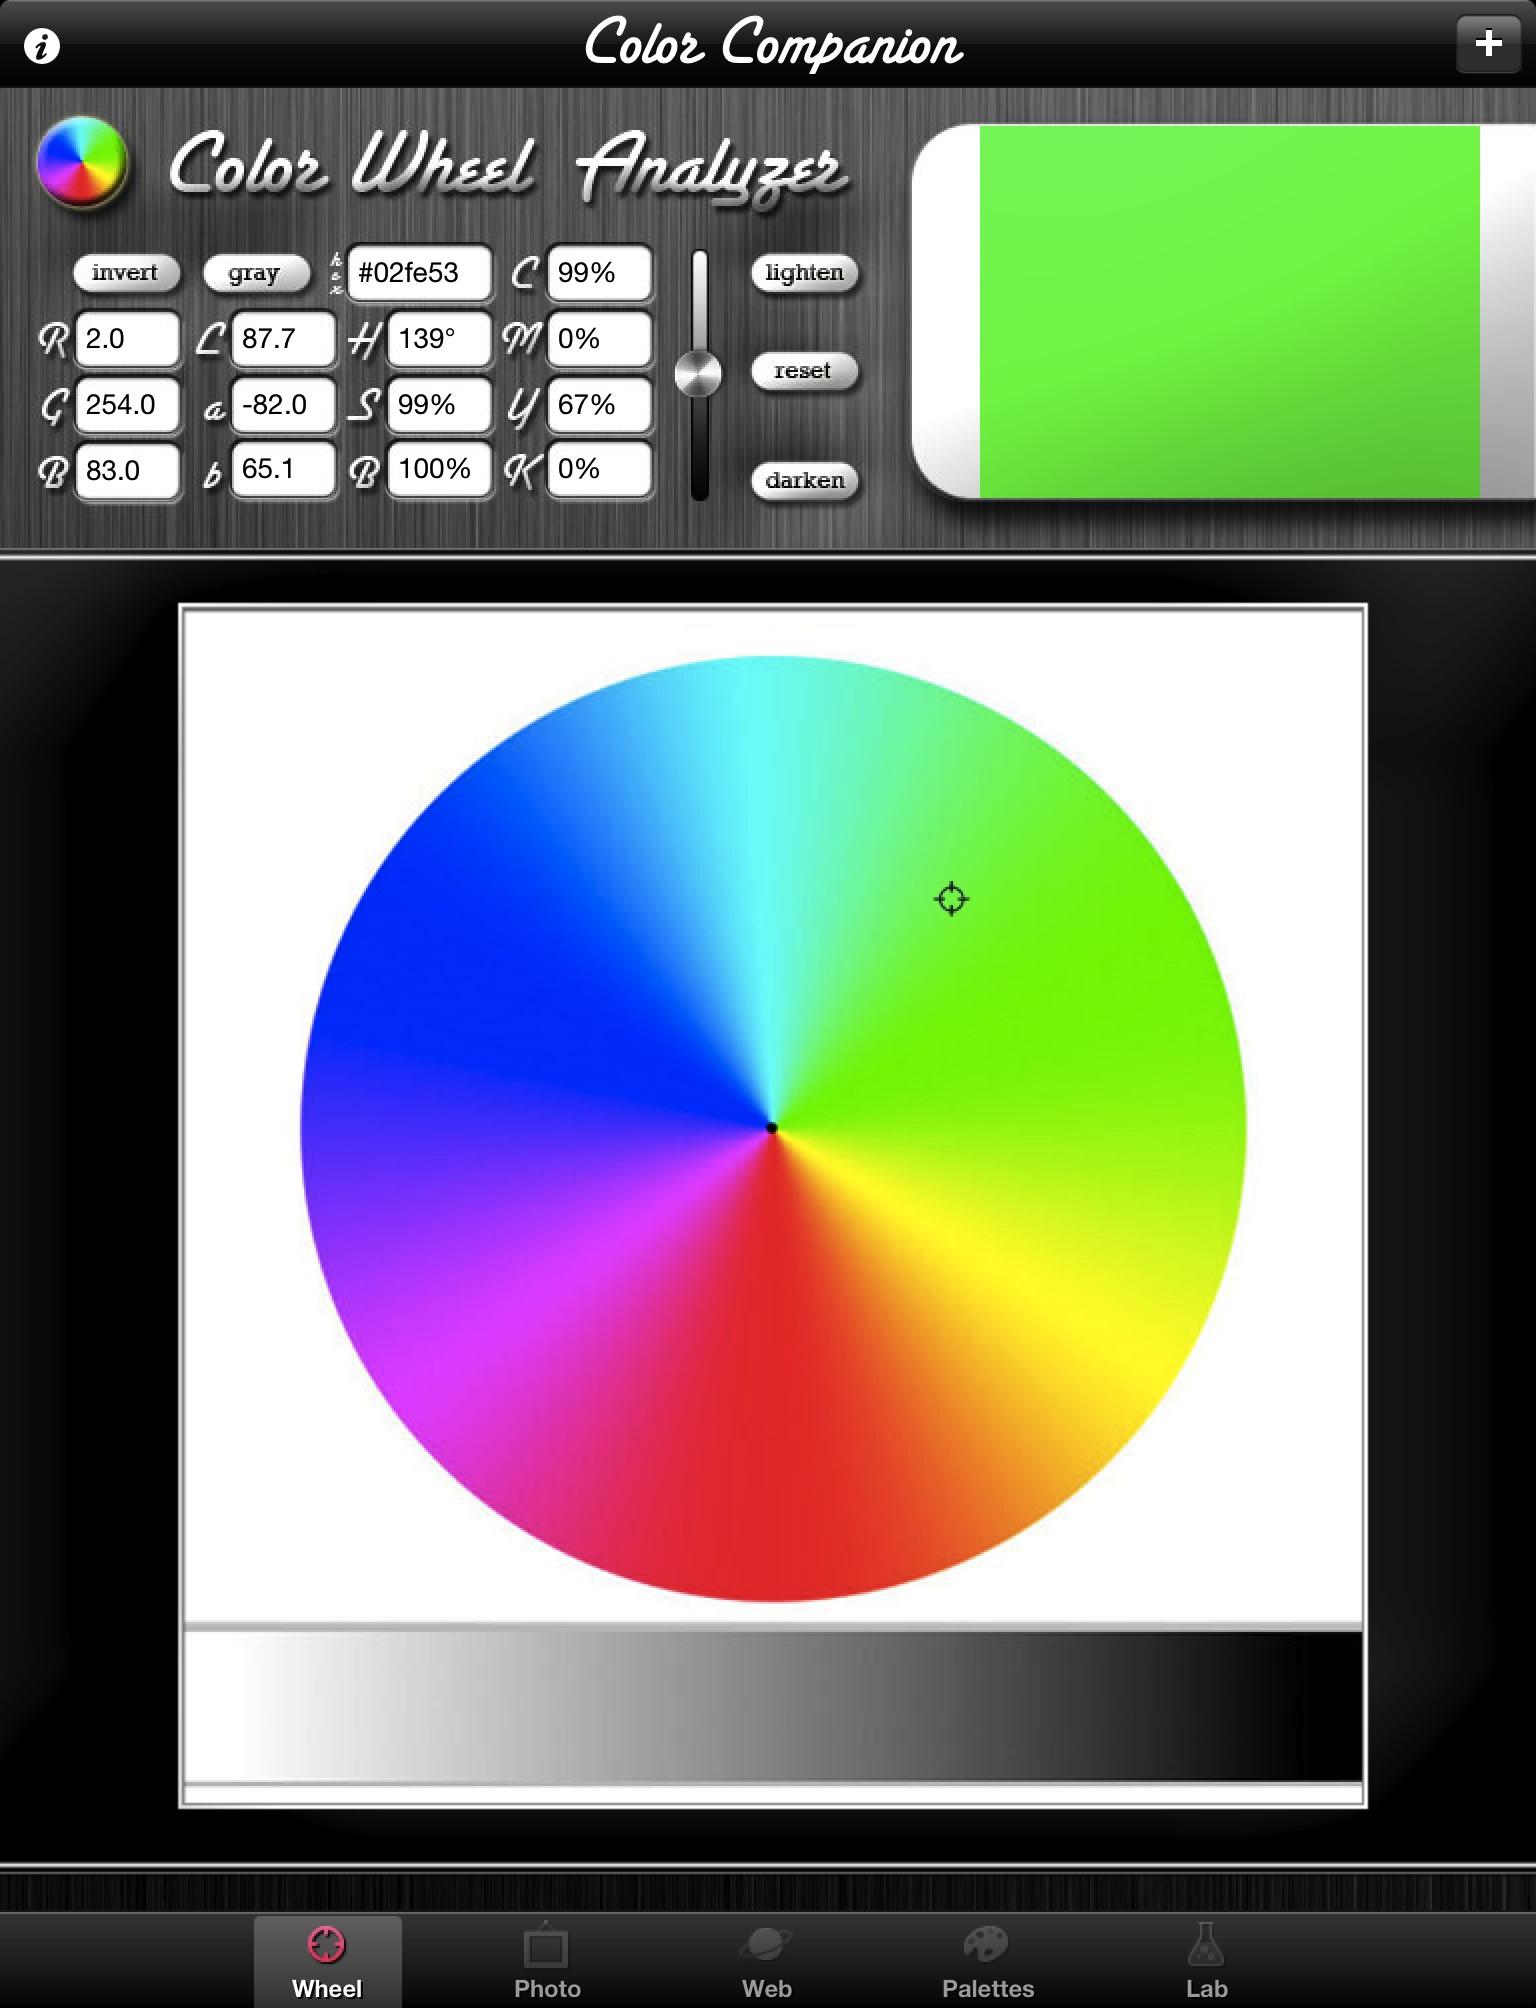 01 color companion ipad